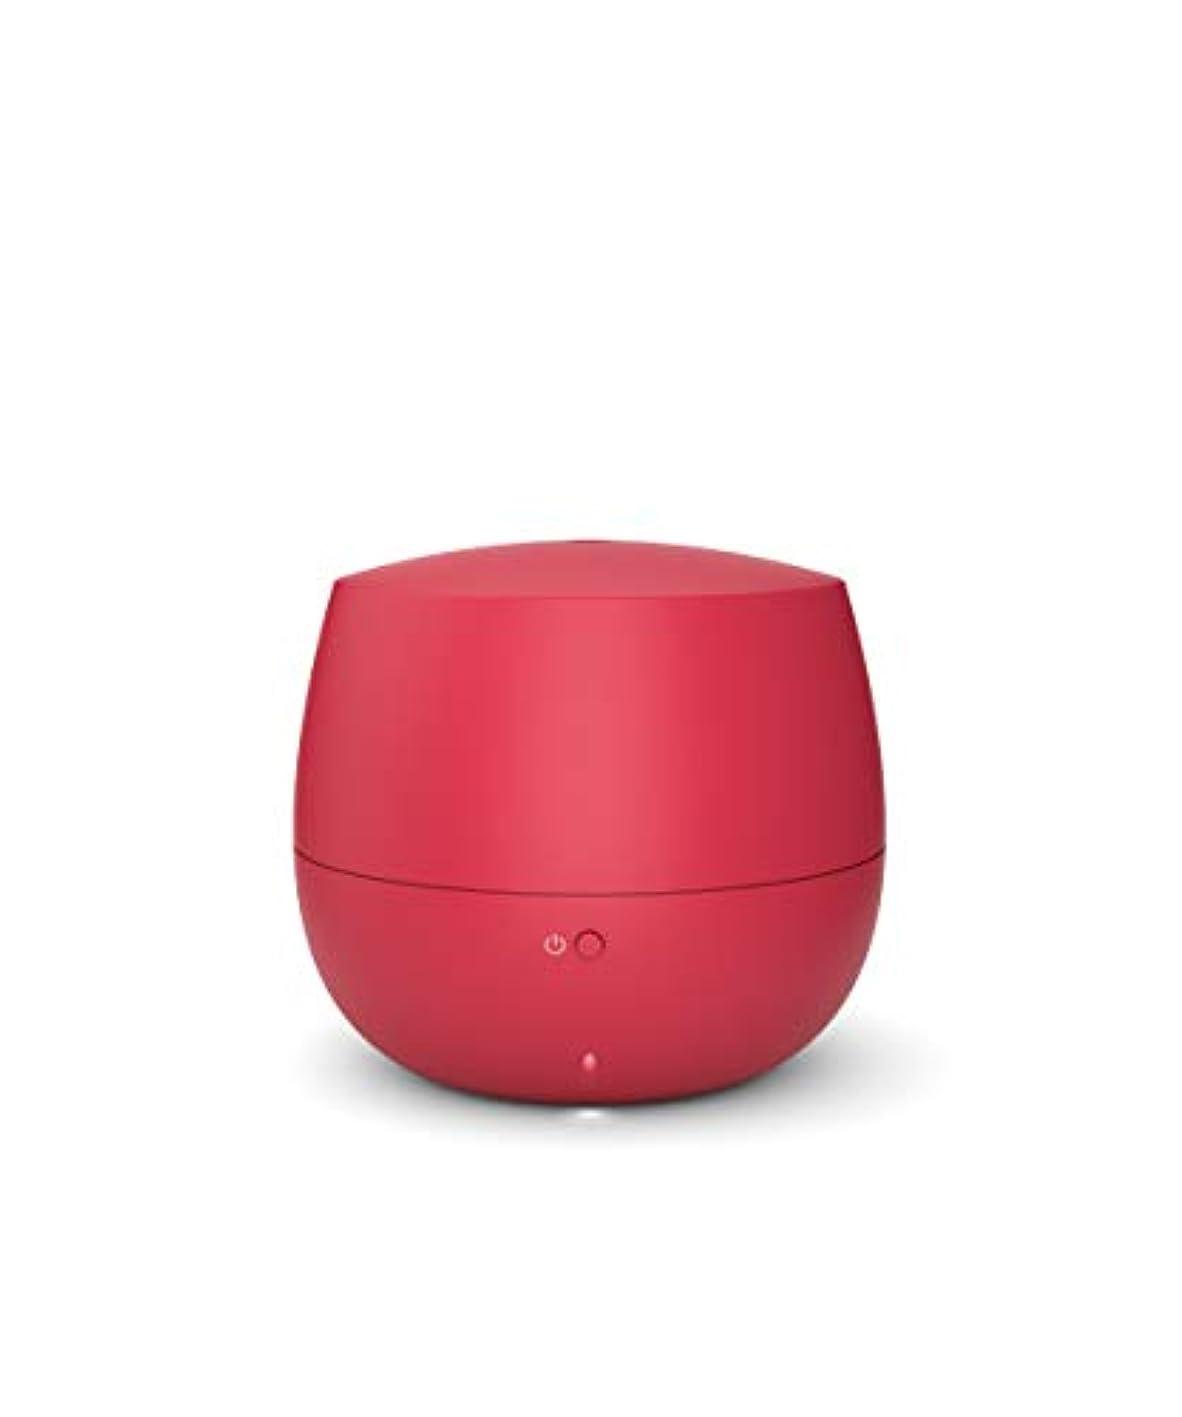 松生活スポンジMia アロマディフューザー レッド Stadler Form スタドラフォーム Mia Aroma Diffuser Red 超音波式 ンテリア コンパクト ギフト プレゼント